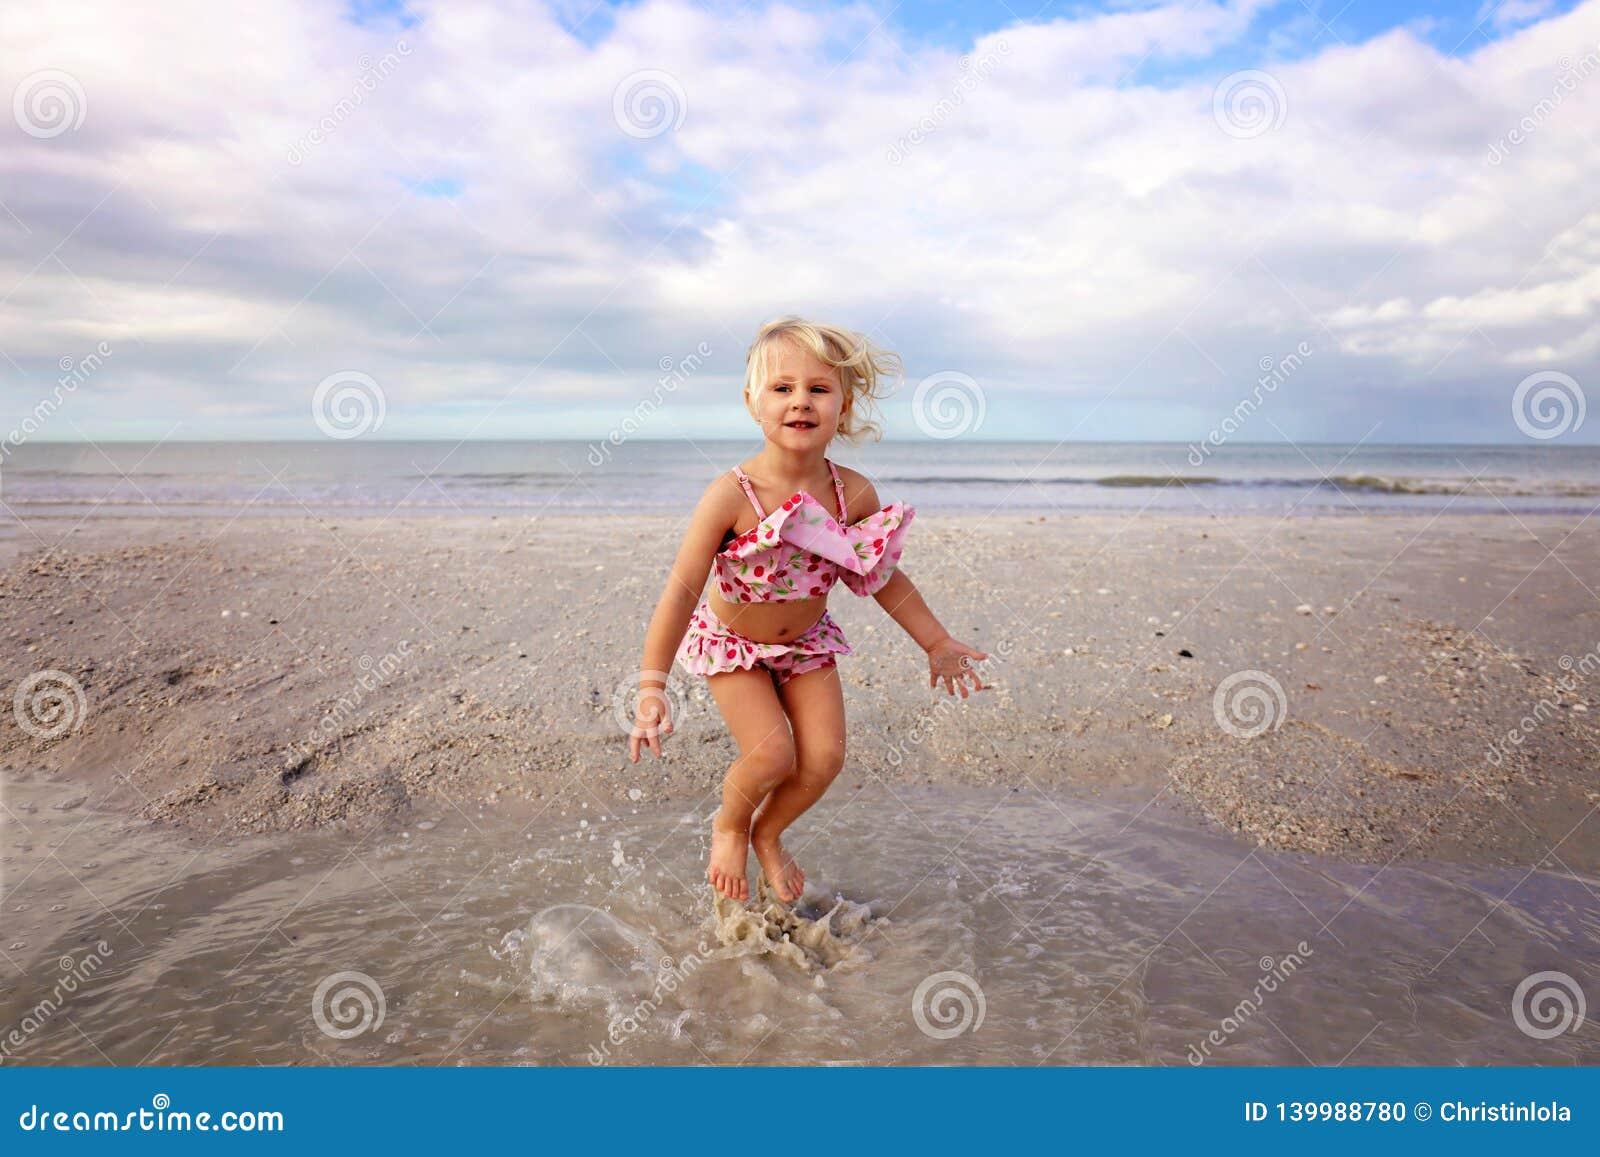 Χαριτωμένο παιδάκι που καταβρέχει και που παίζει στο νερό στην παραλία από τον ωκεανό